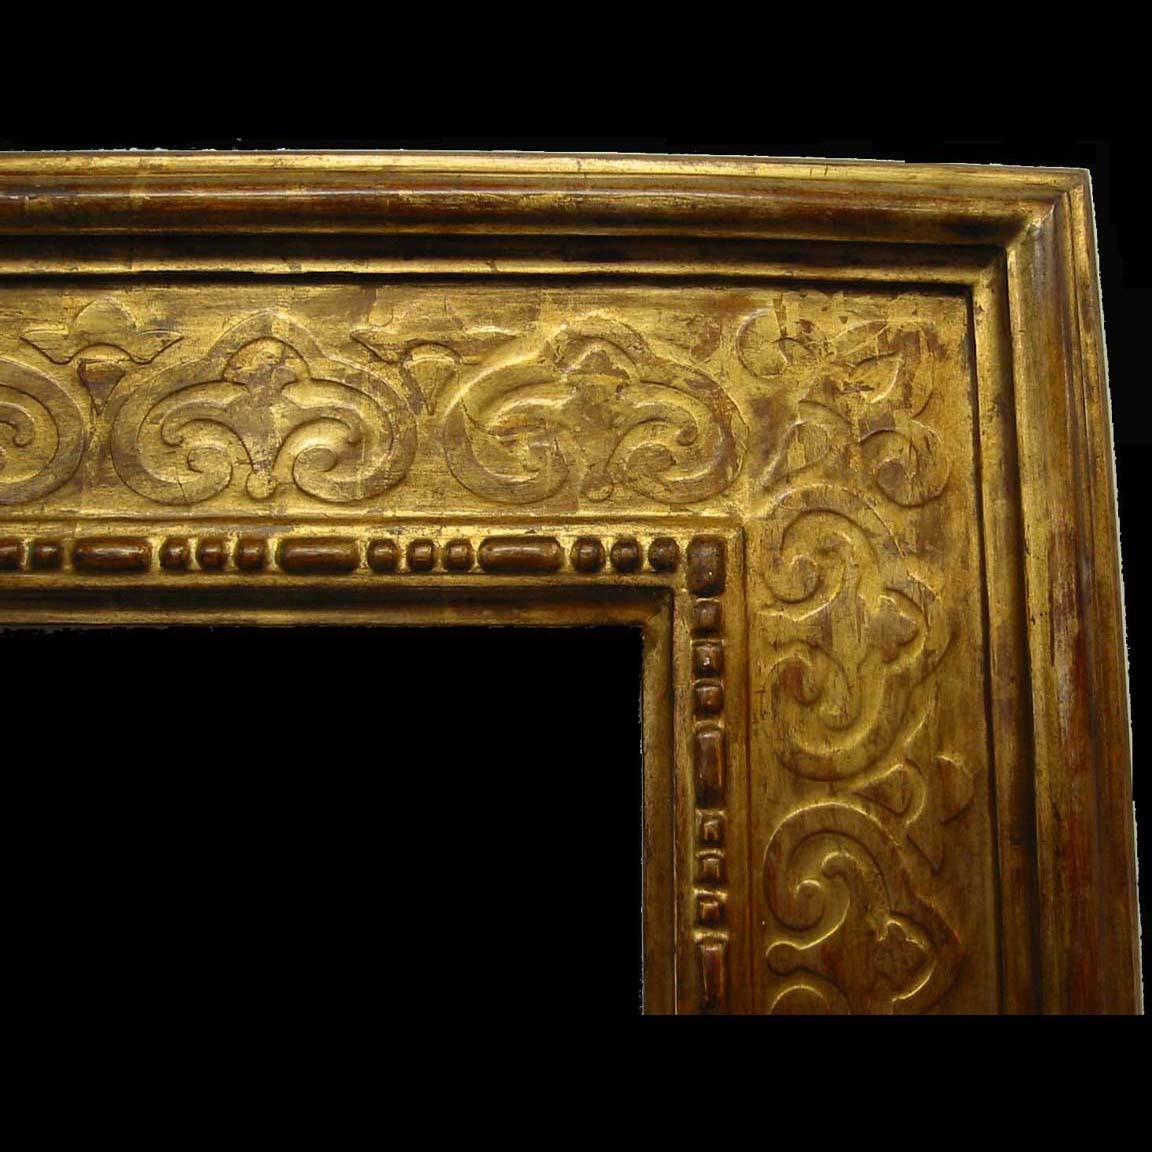 Water gilt frame